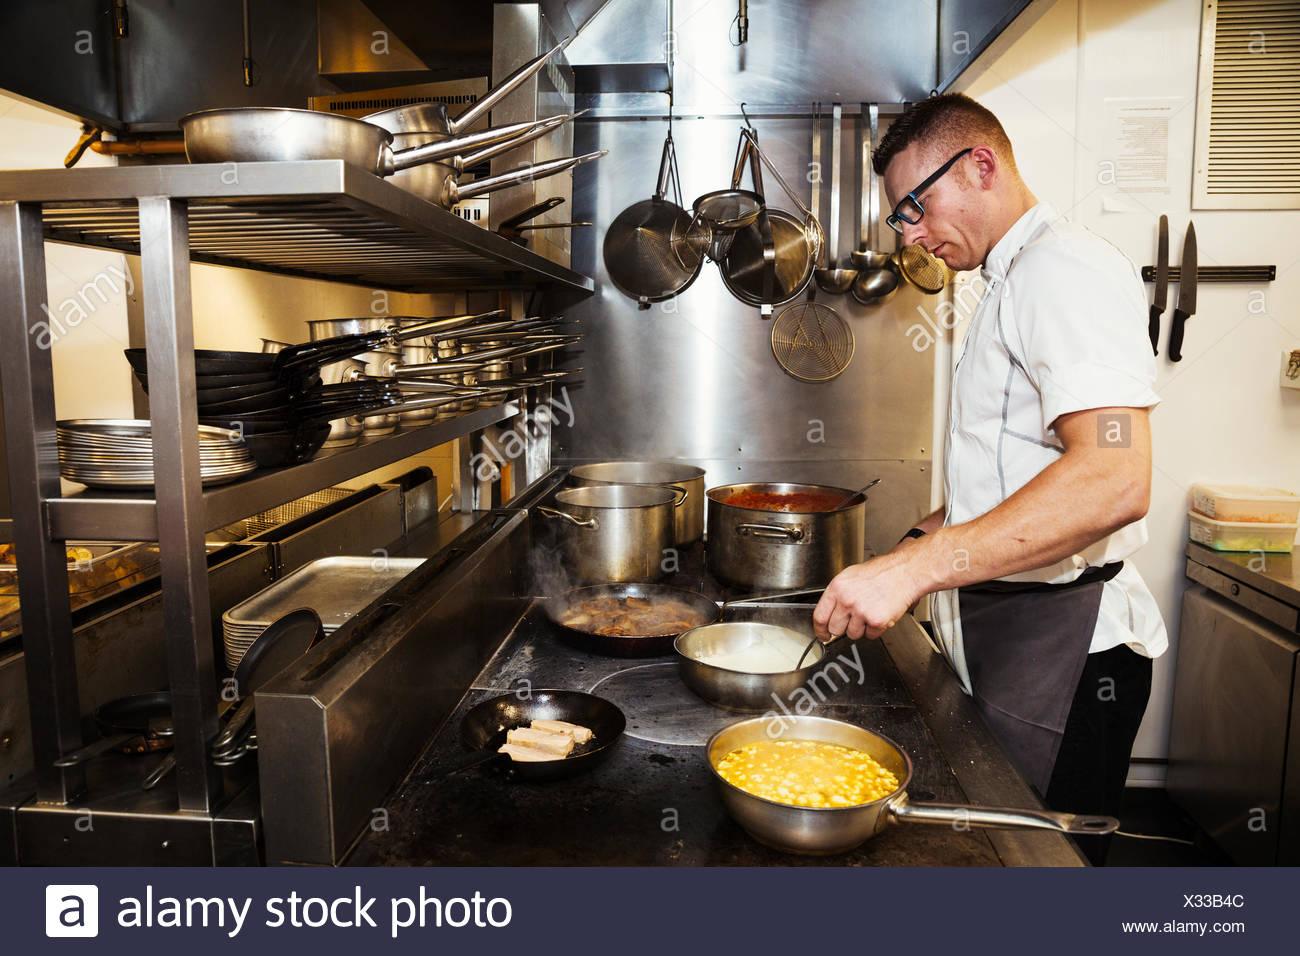 Lo chef cucina in un ristorante di cucina. Immagini Stock